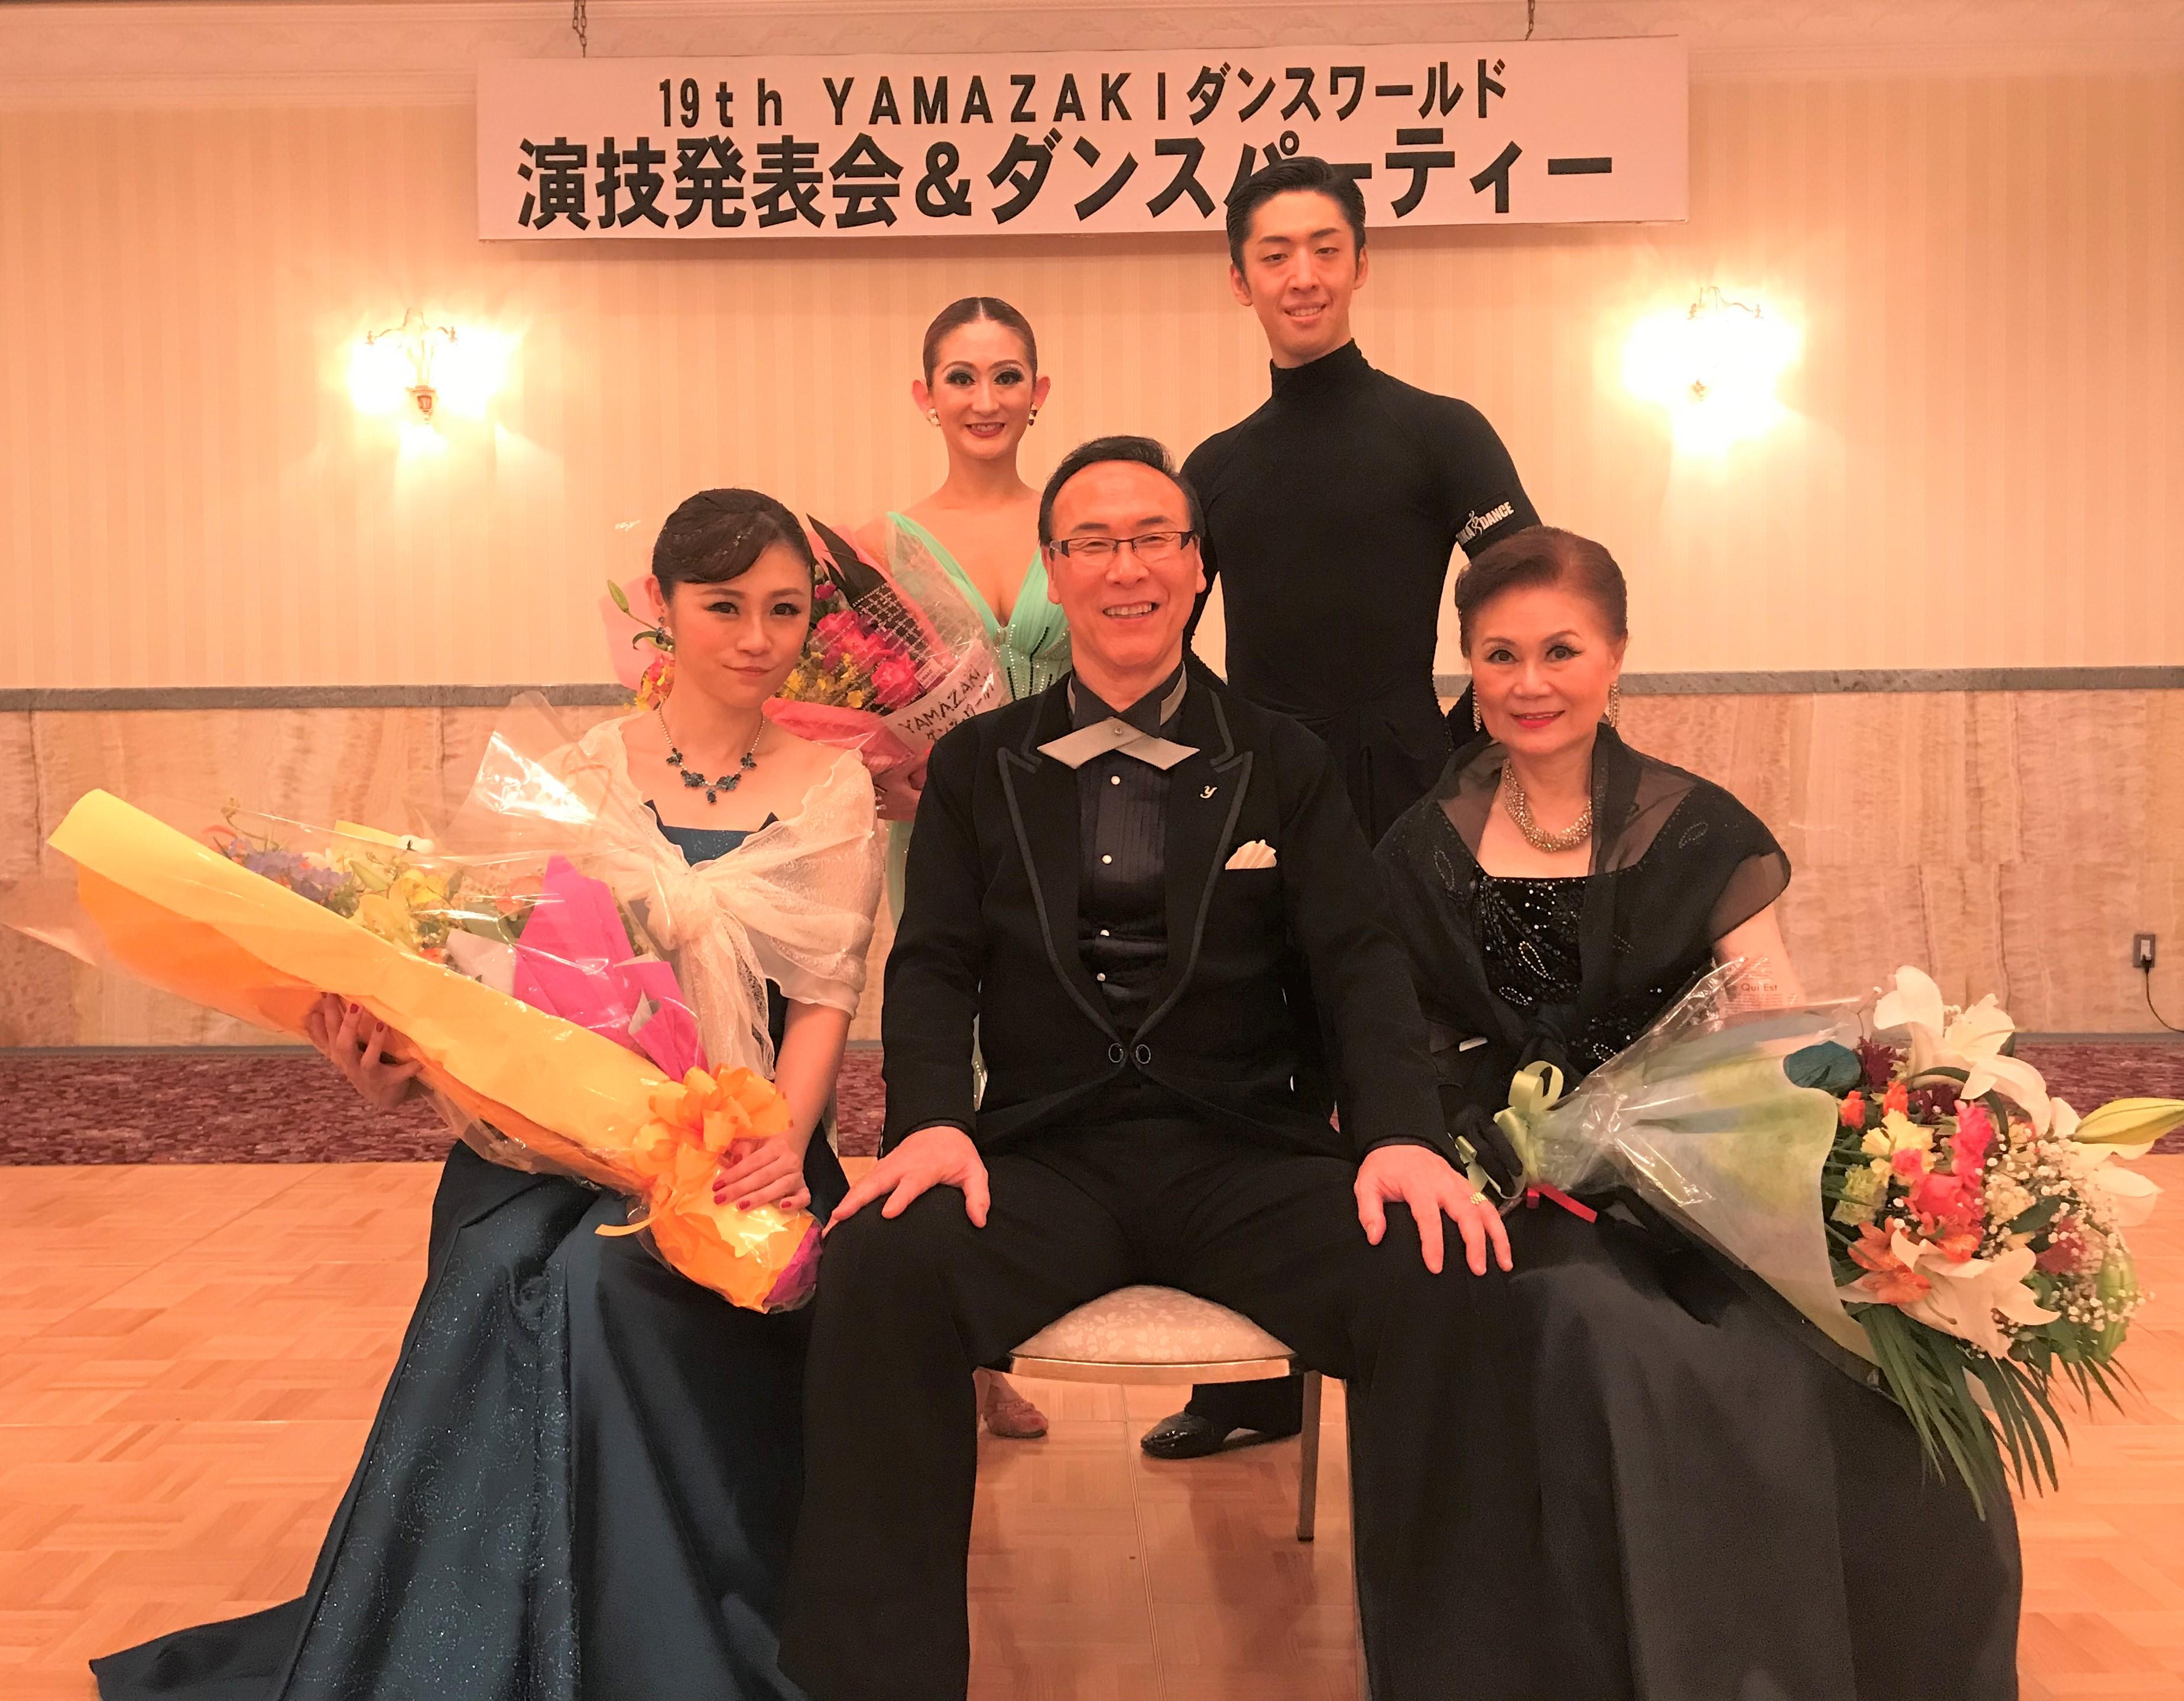 埼玉県|行田市|社交ダンス|パーティー